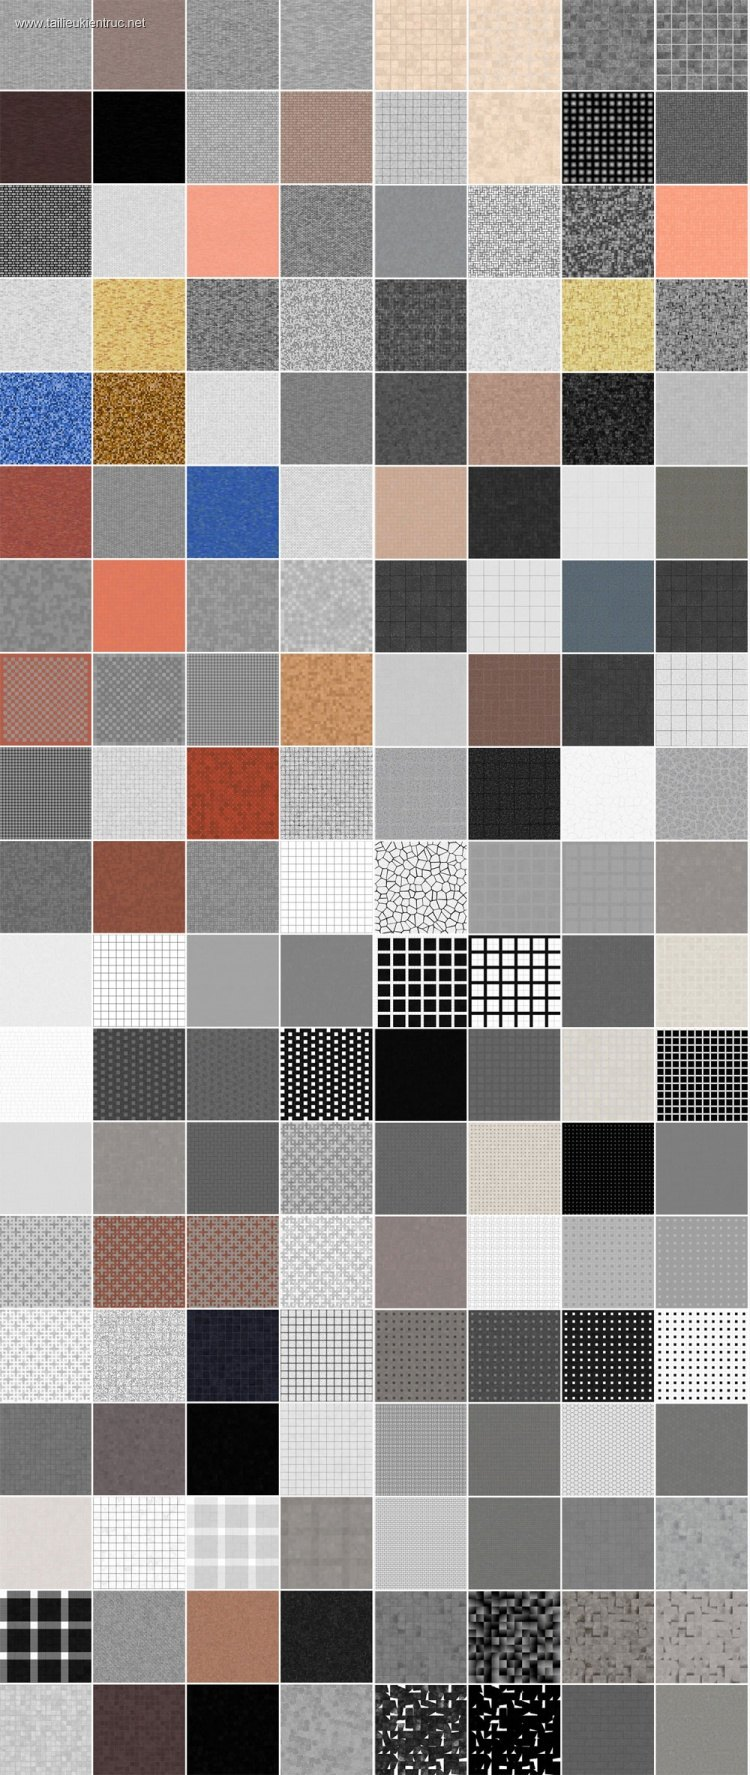 Thư viện 160 file ảnh tổng hợp Map gạch tiles chất lượng cao #9